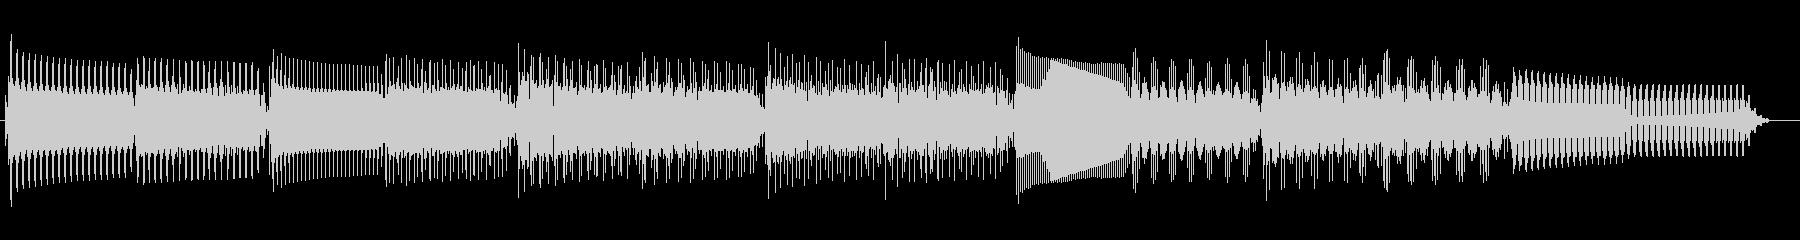 ビデオゲームミュージック:大規模お...の未再生の波形